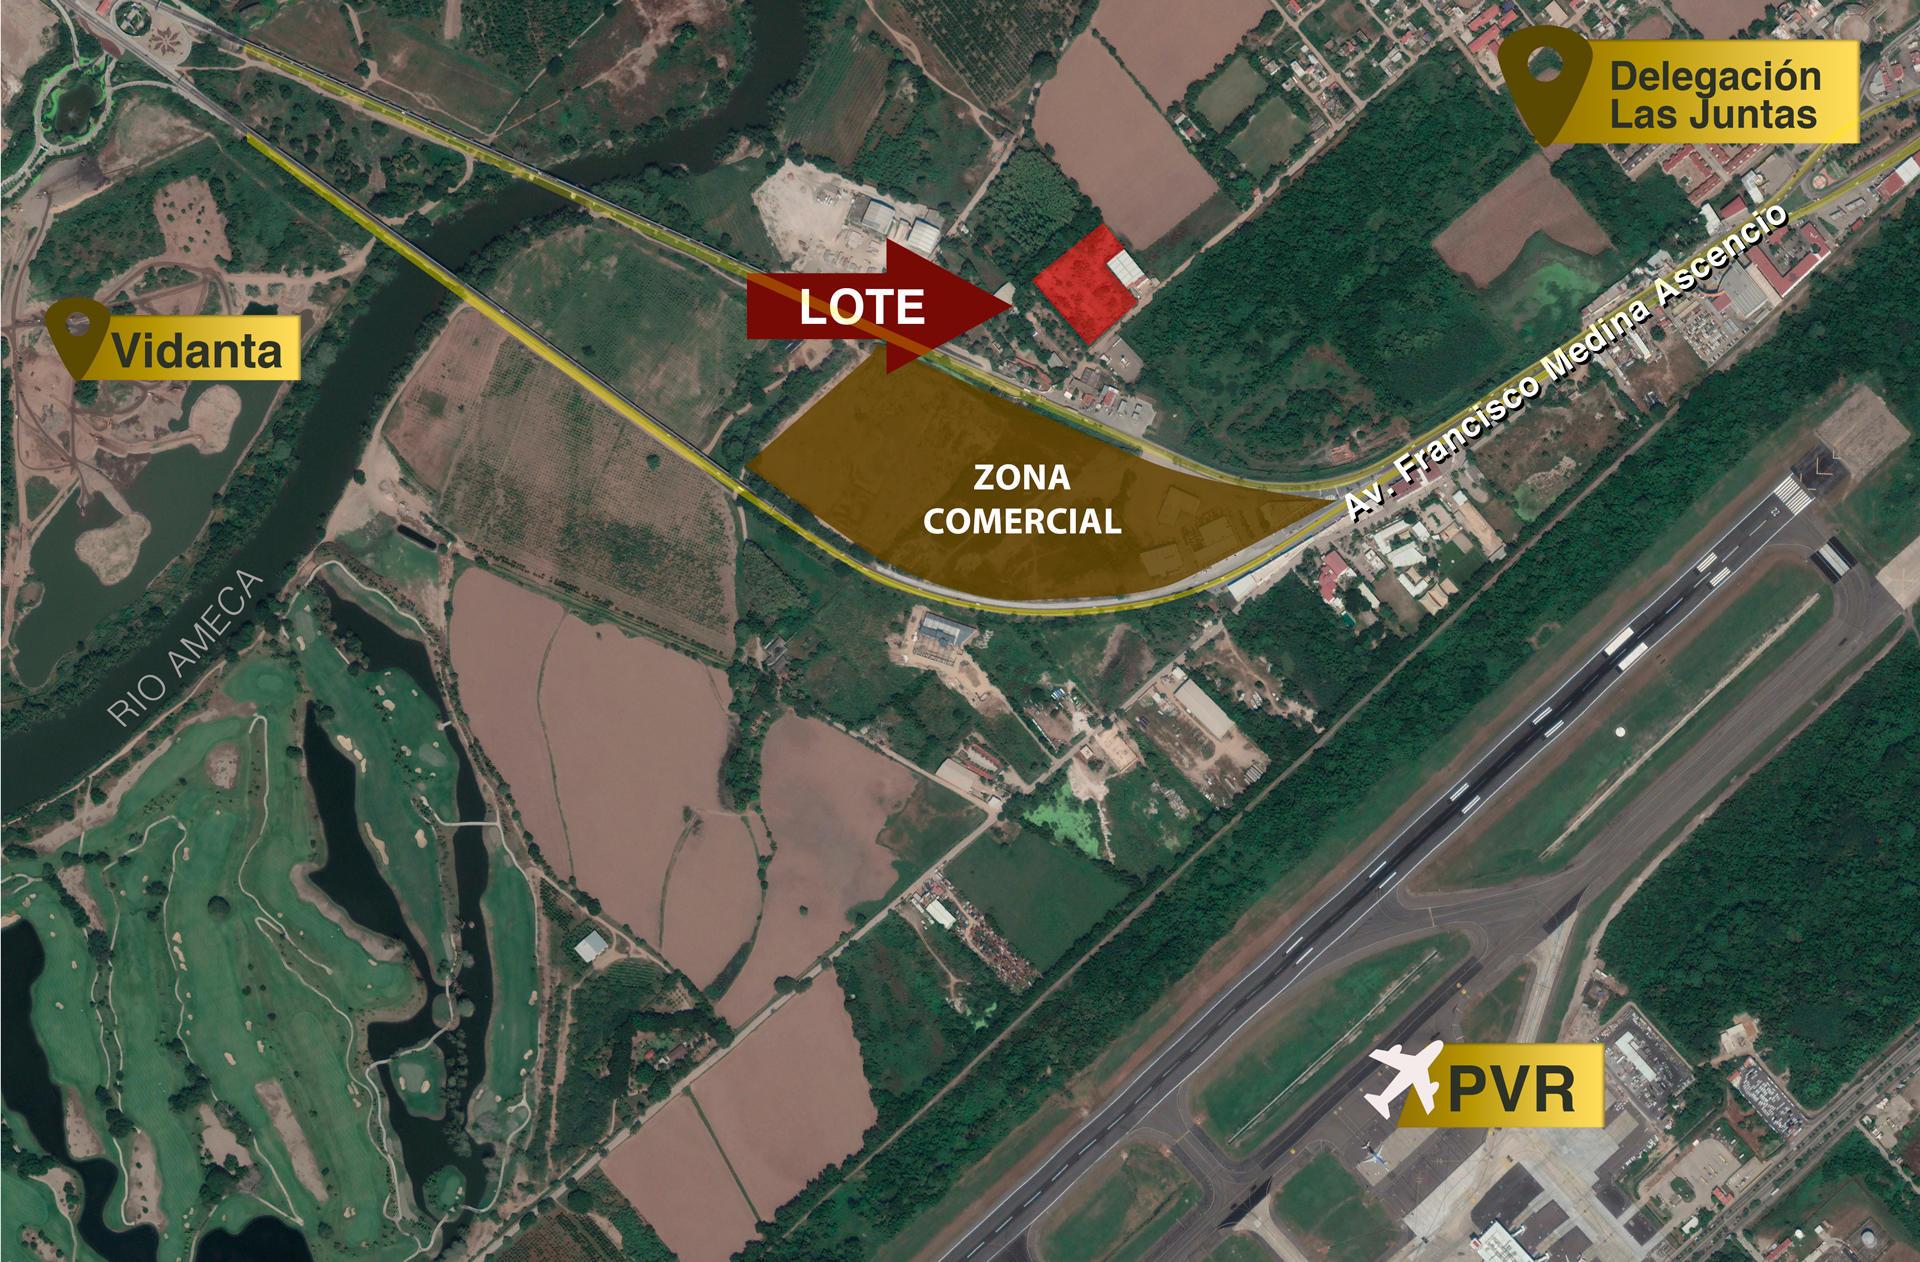 PVRPV -Location